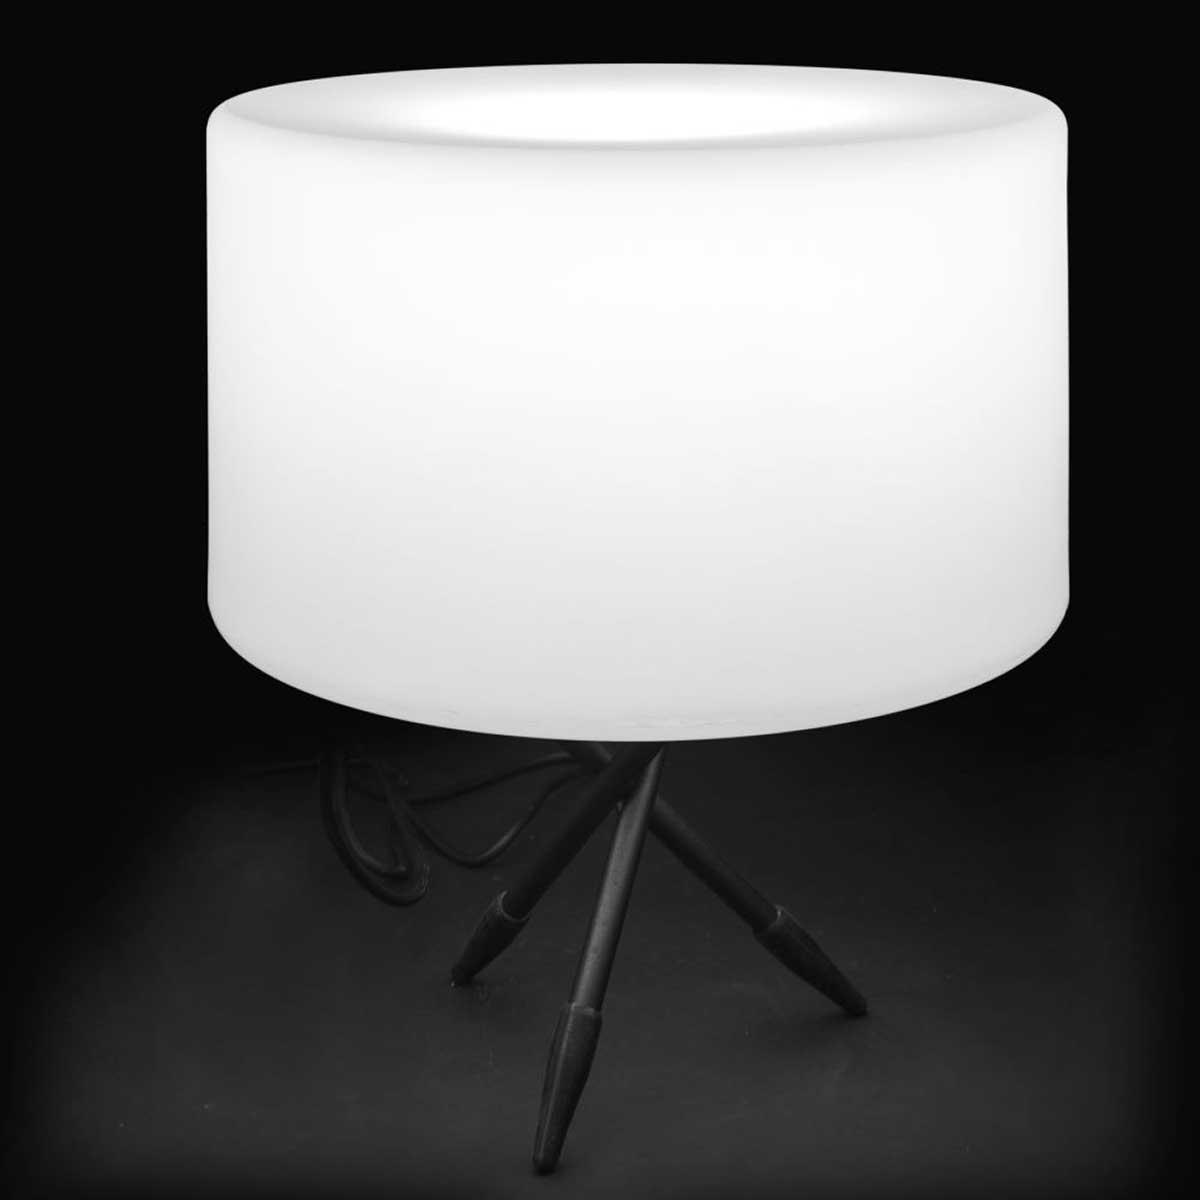 Lampe de table ronde d'extérieur - Banc - 40.00 cm x 40.00 cm x 50.00 cm